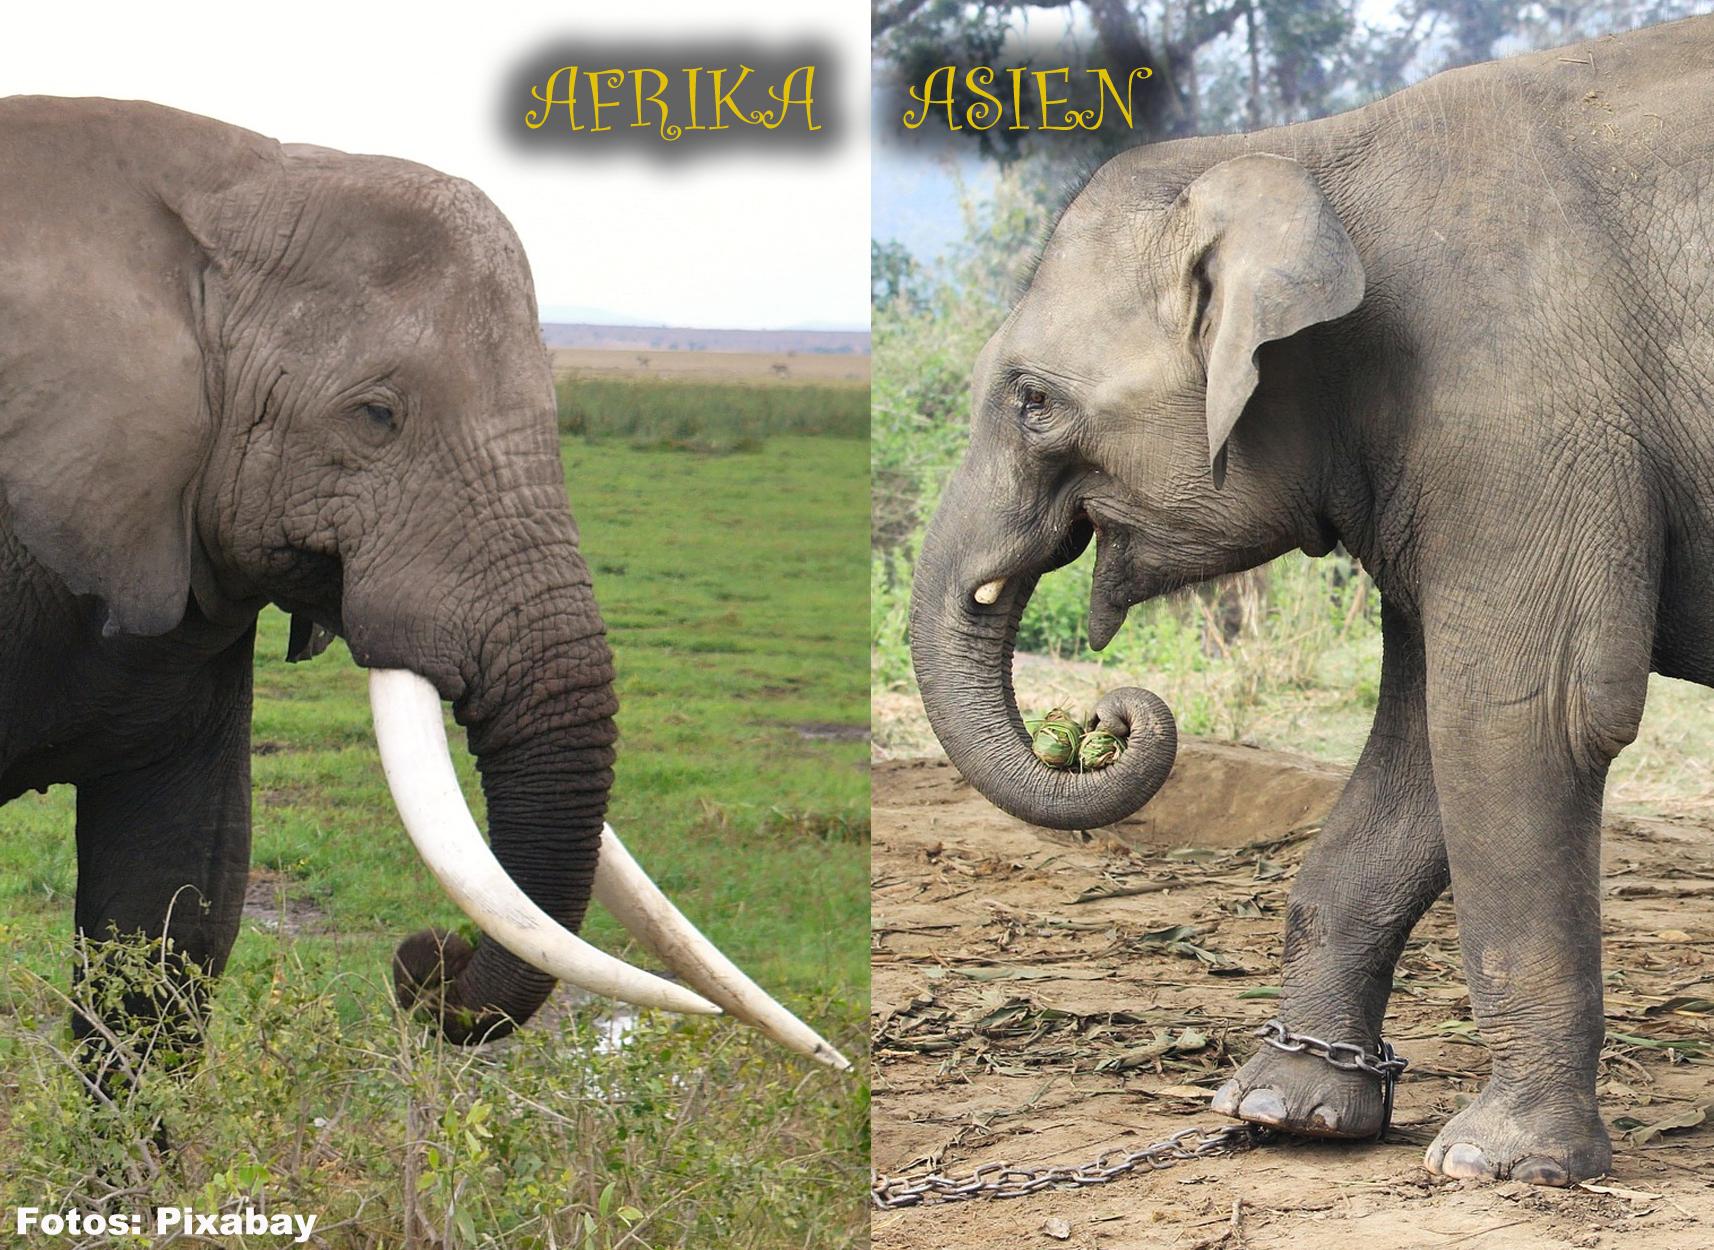 Mayday Elefanten - Über Die Elefanten › Mayday Elefanten in Unterschied Afrikanischer Und Indischer Elefant